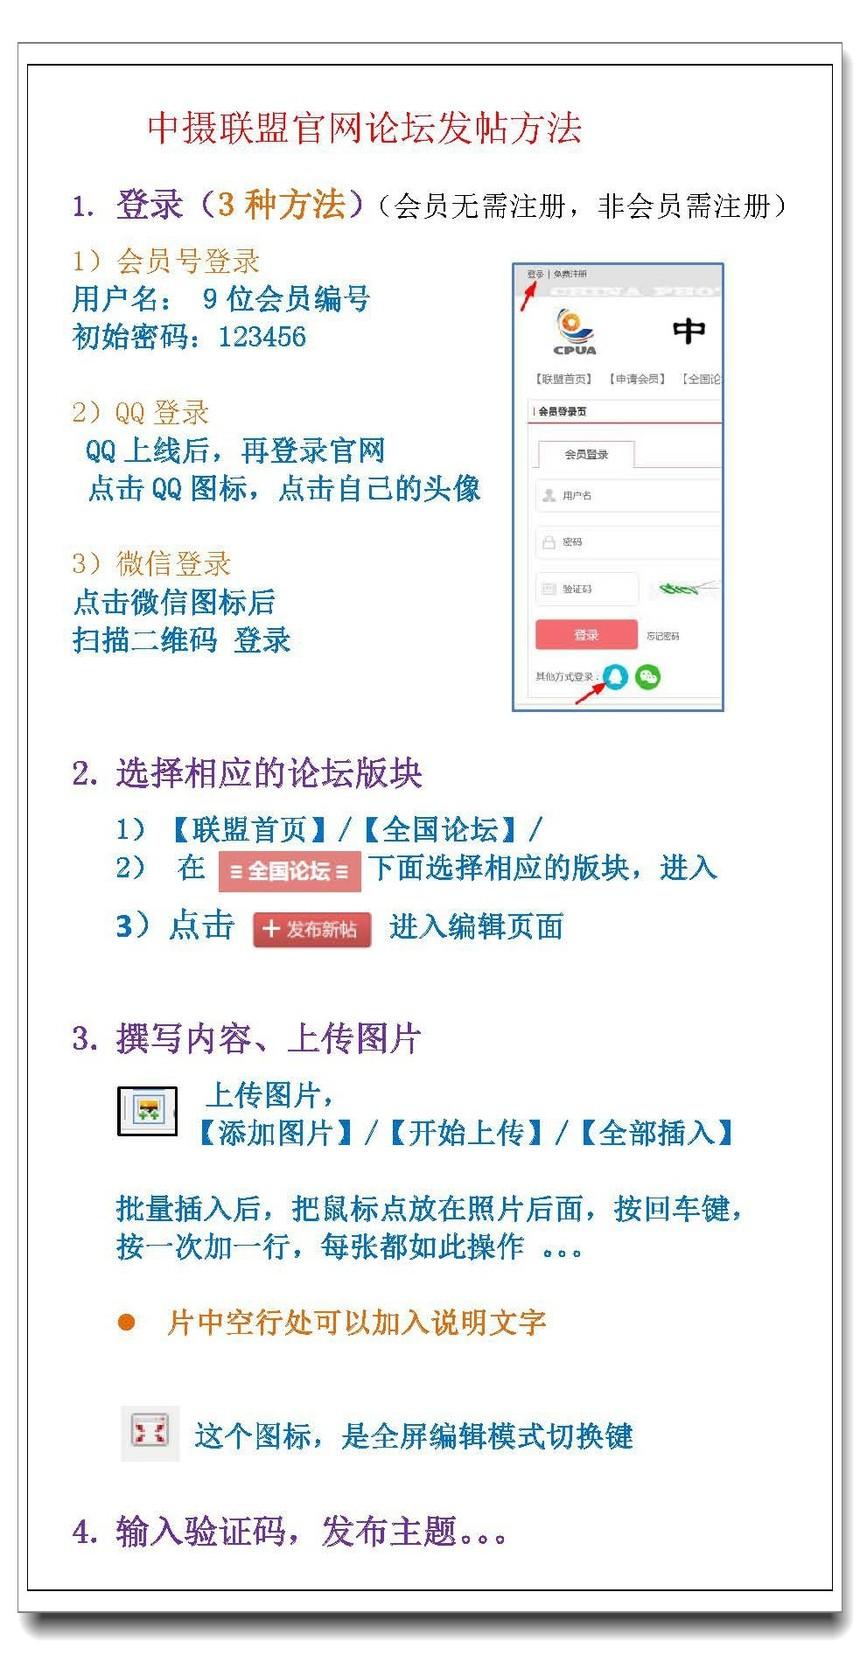 7  中摄联盟官网论坛发帖方法.jpg